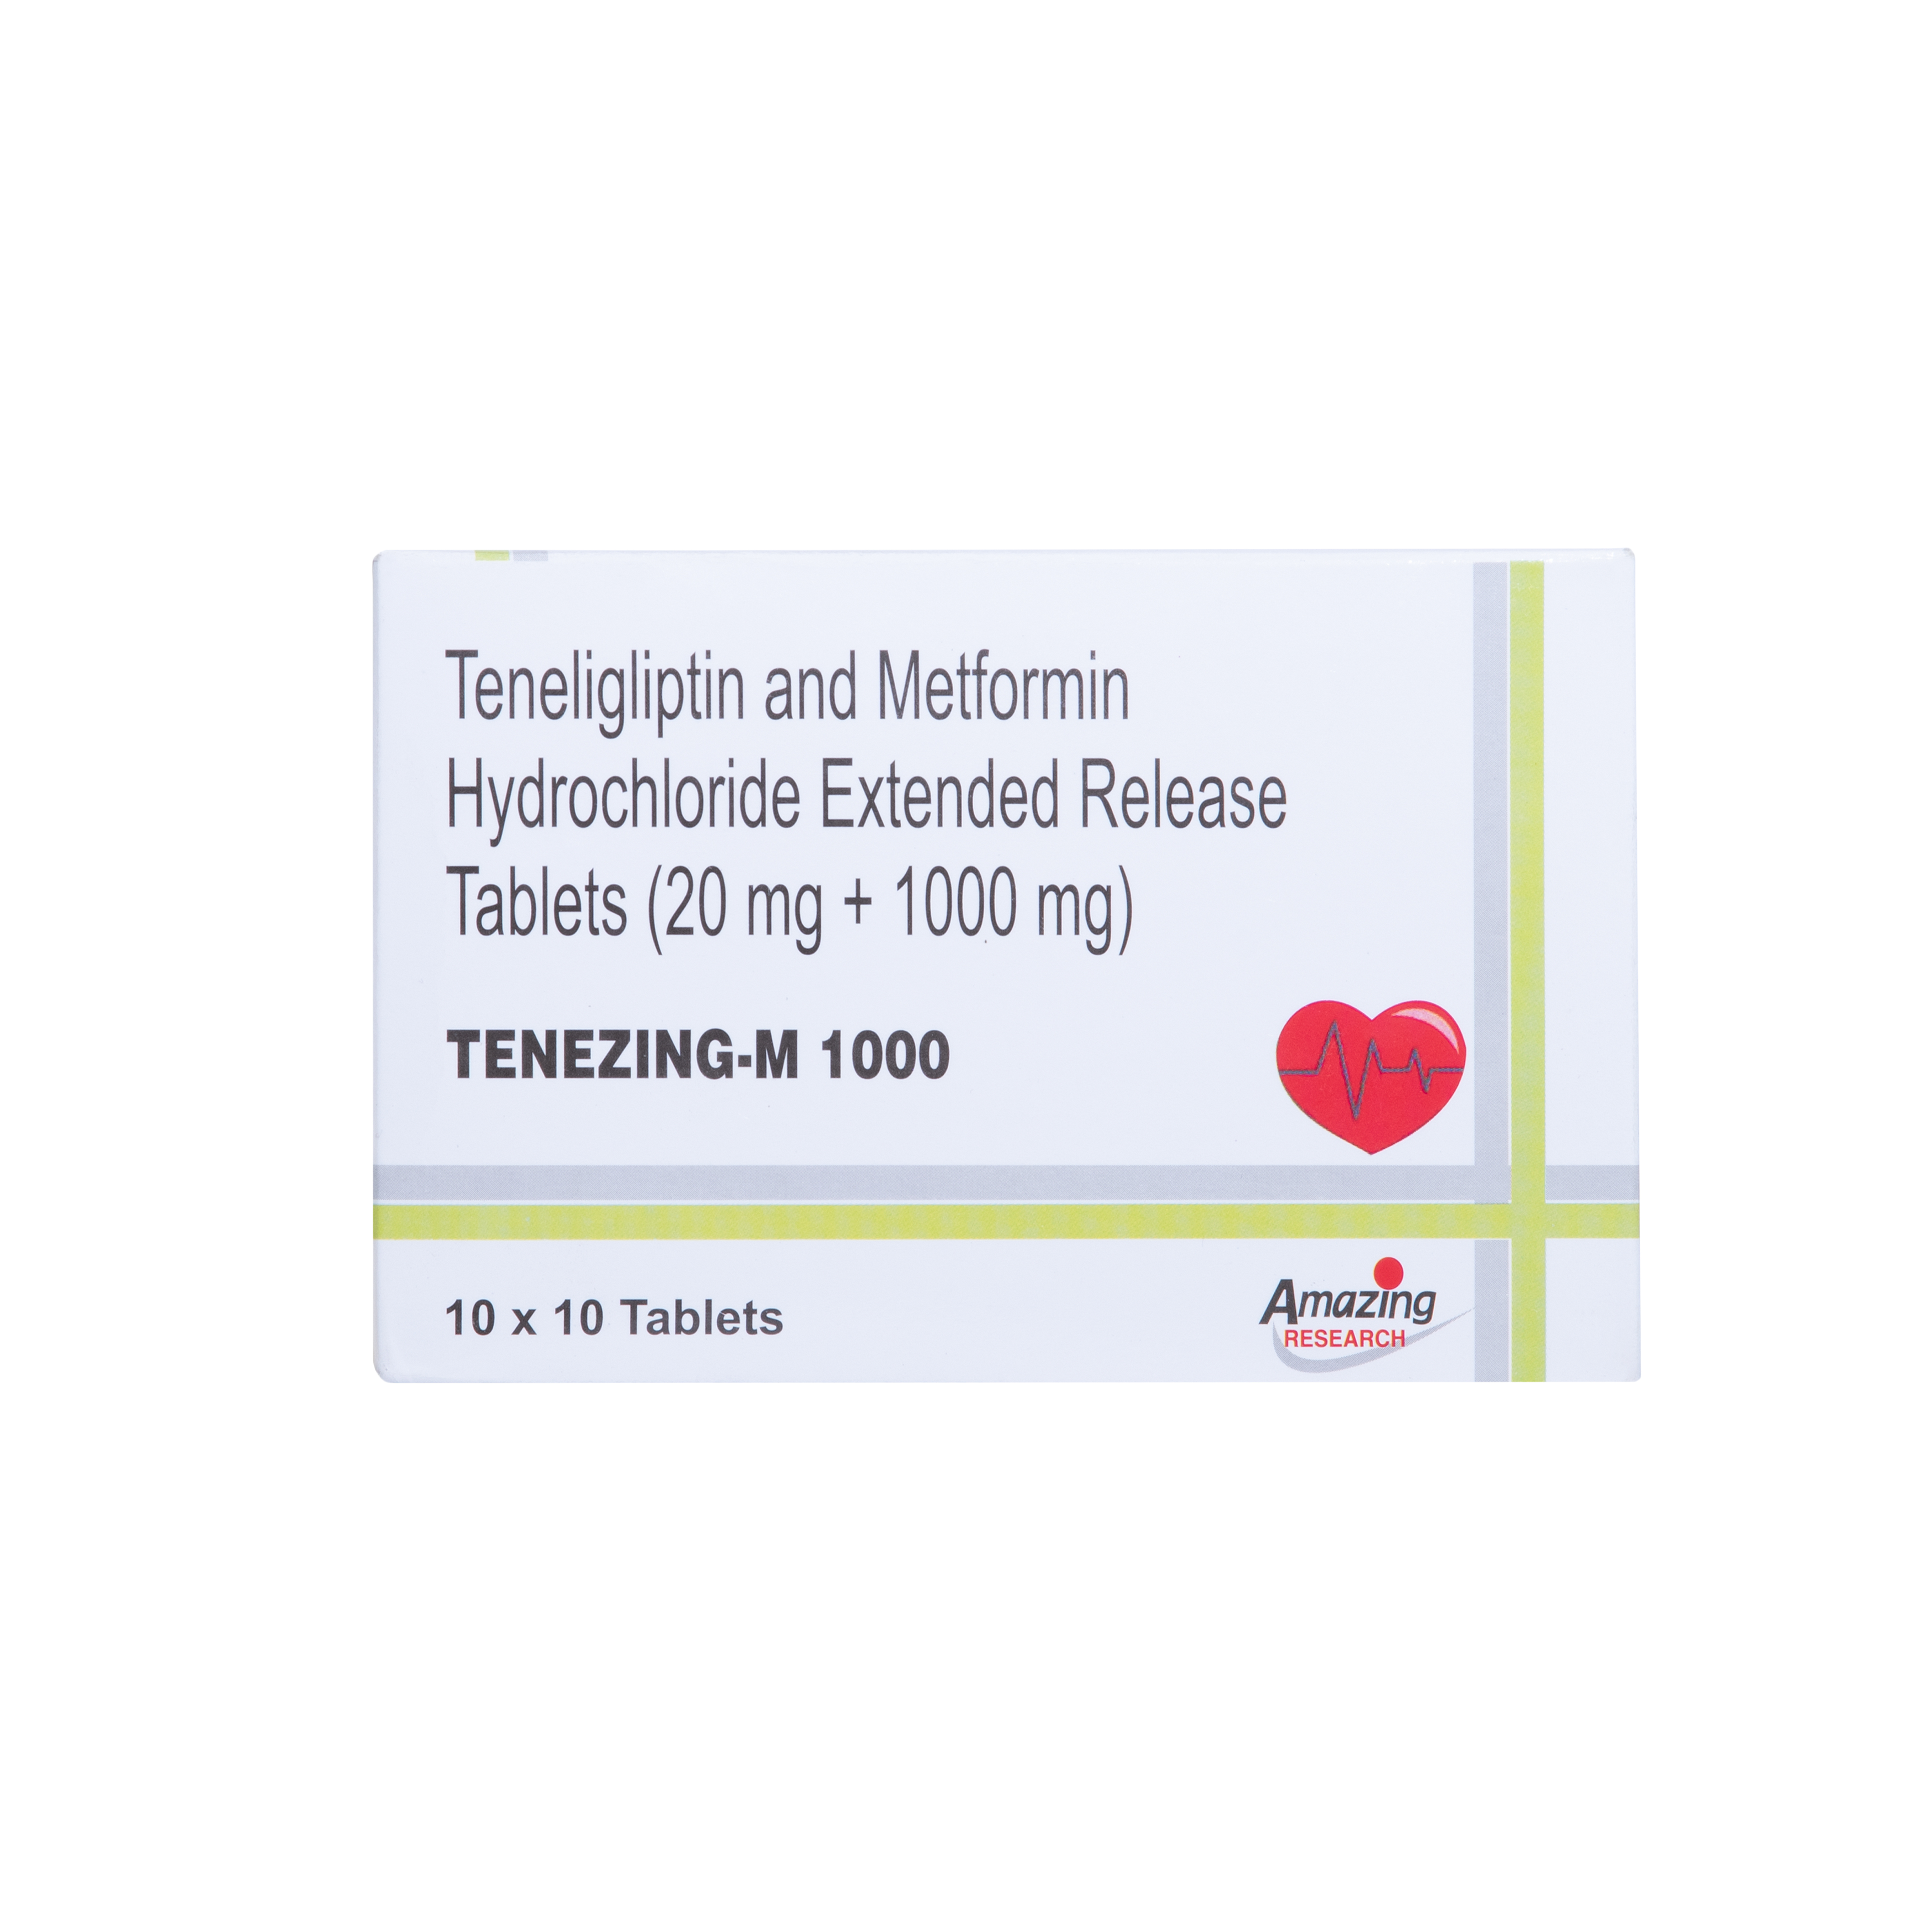 TENEZING-M 1000